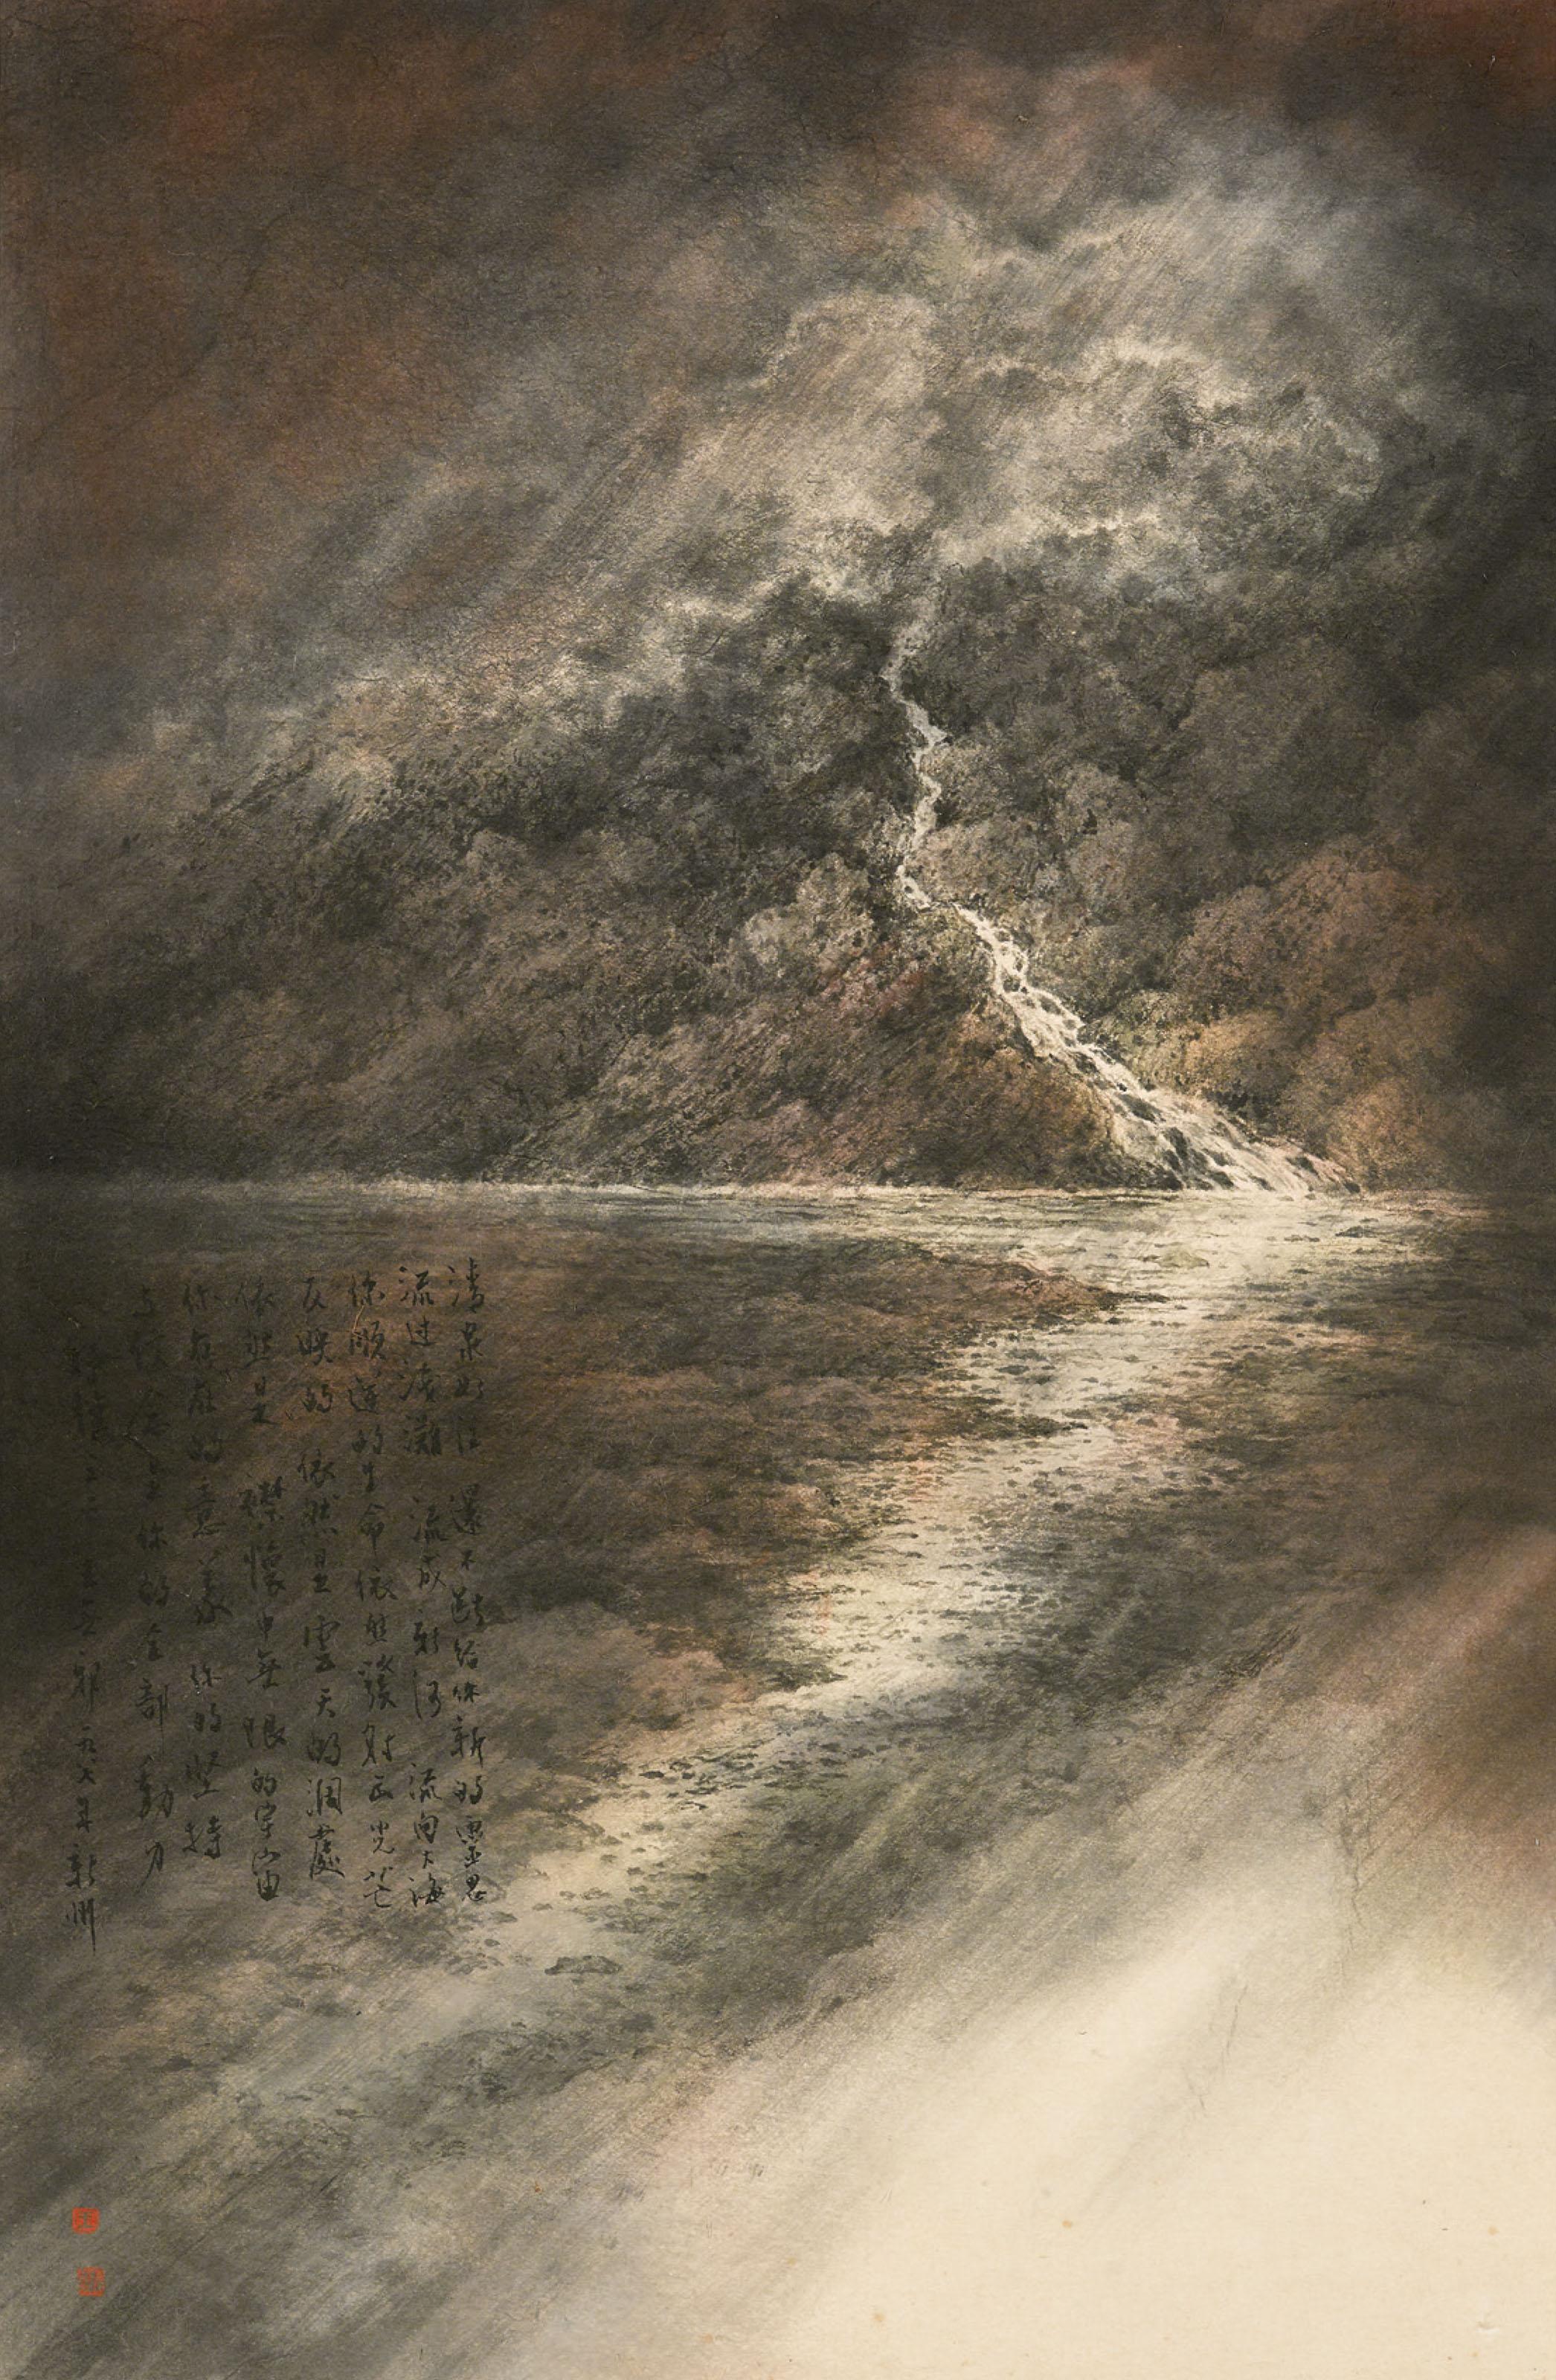 Pensées reposes 2, encre et couleur sur papier, 1987, Wucius Wong